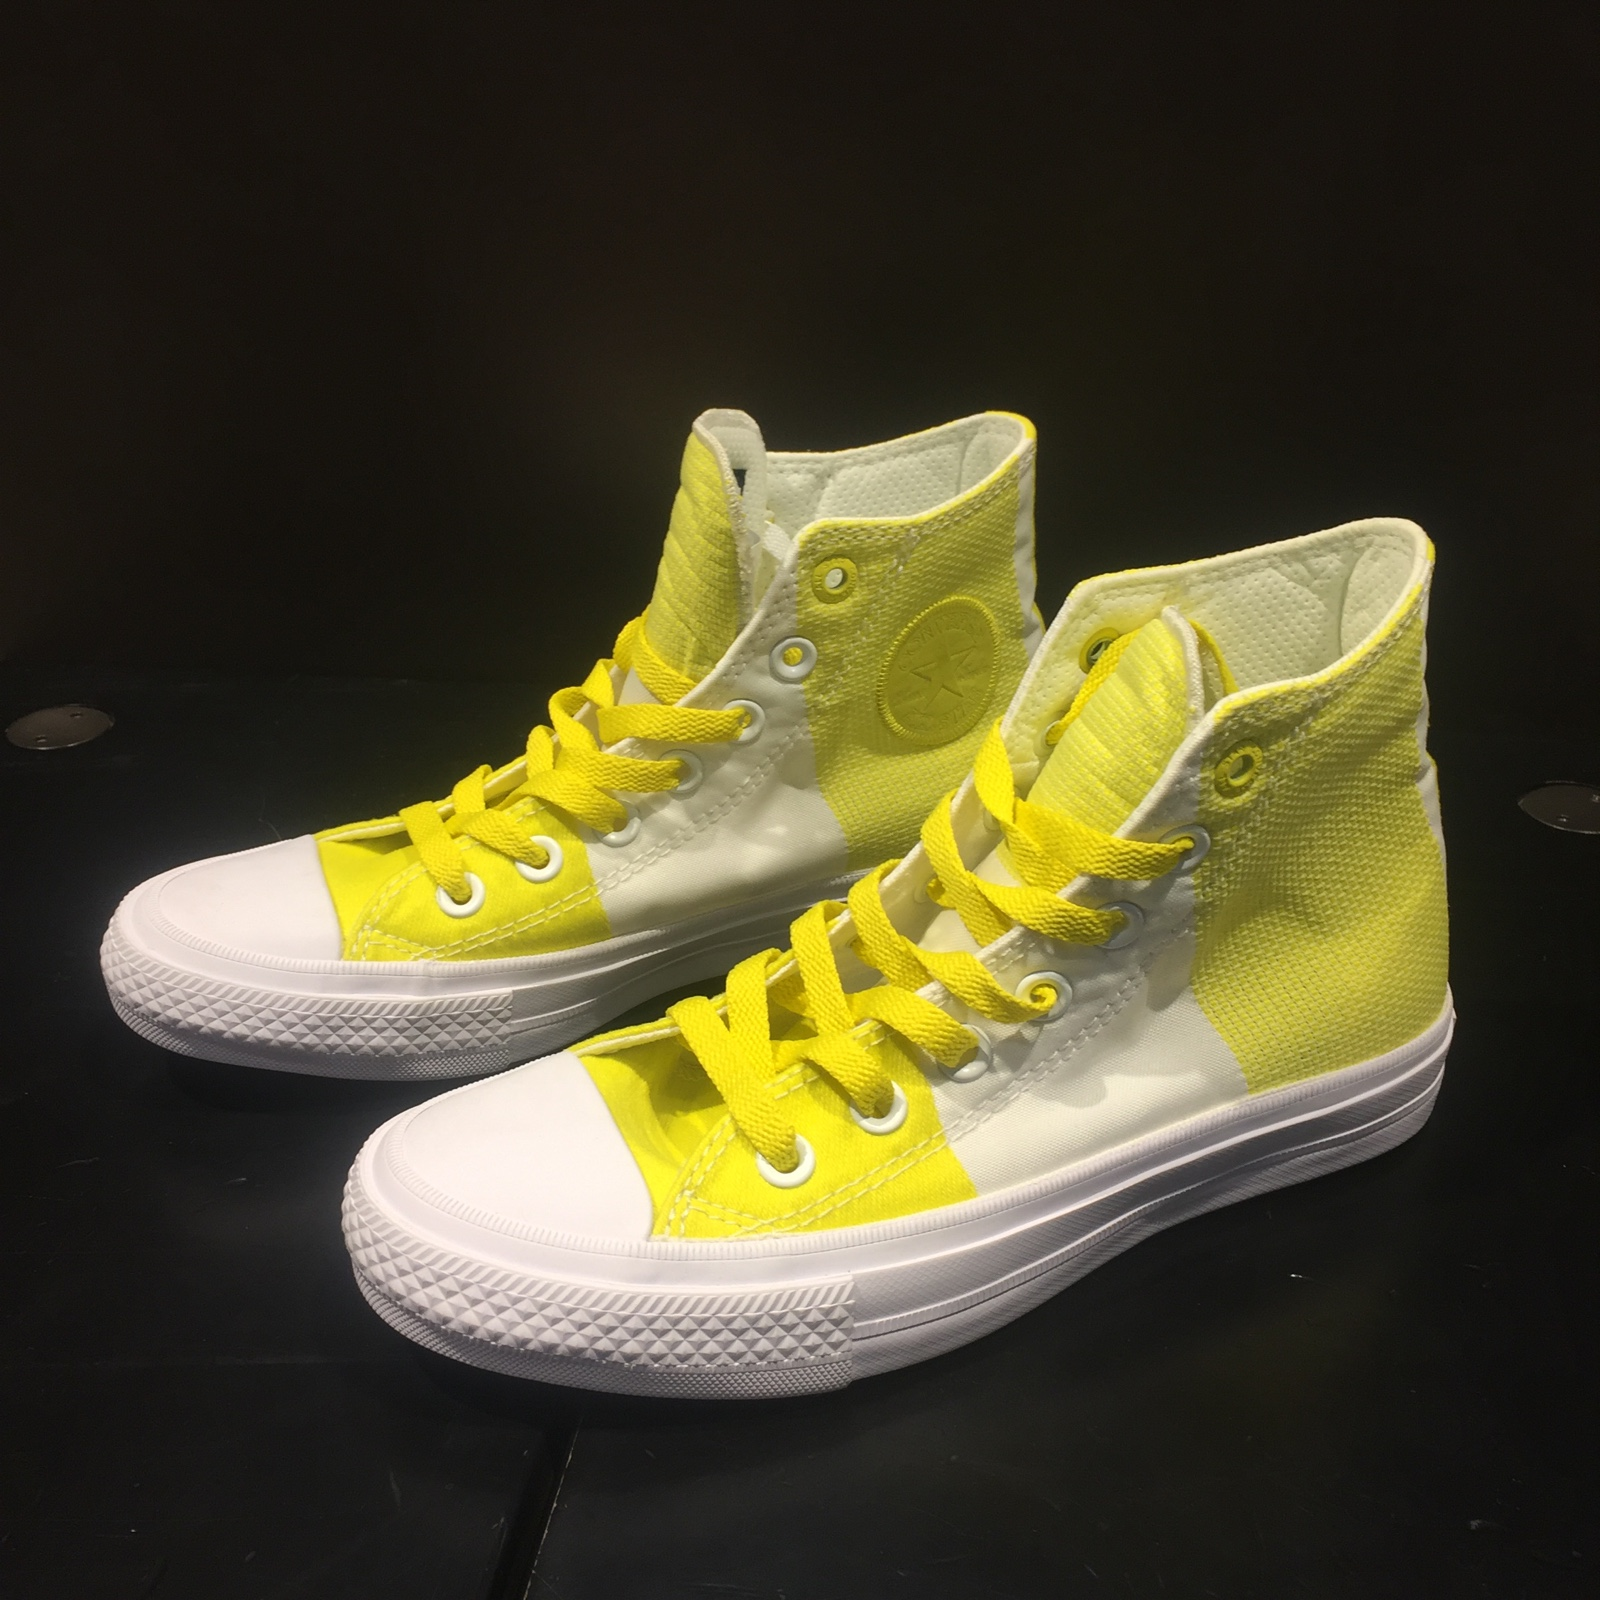 匡威新款帆布鞋 Converse匡威新款二代Chuck II撞色拼接高帮男女运动帆布鞋155417_推荐淘宝好看的女匡威新款帆布鞋